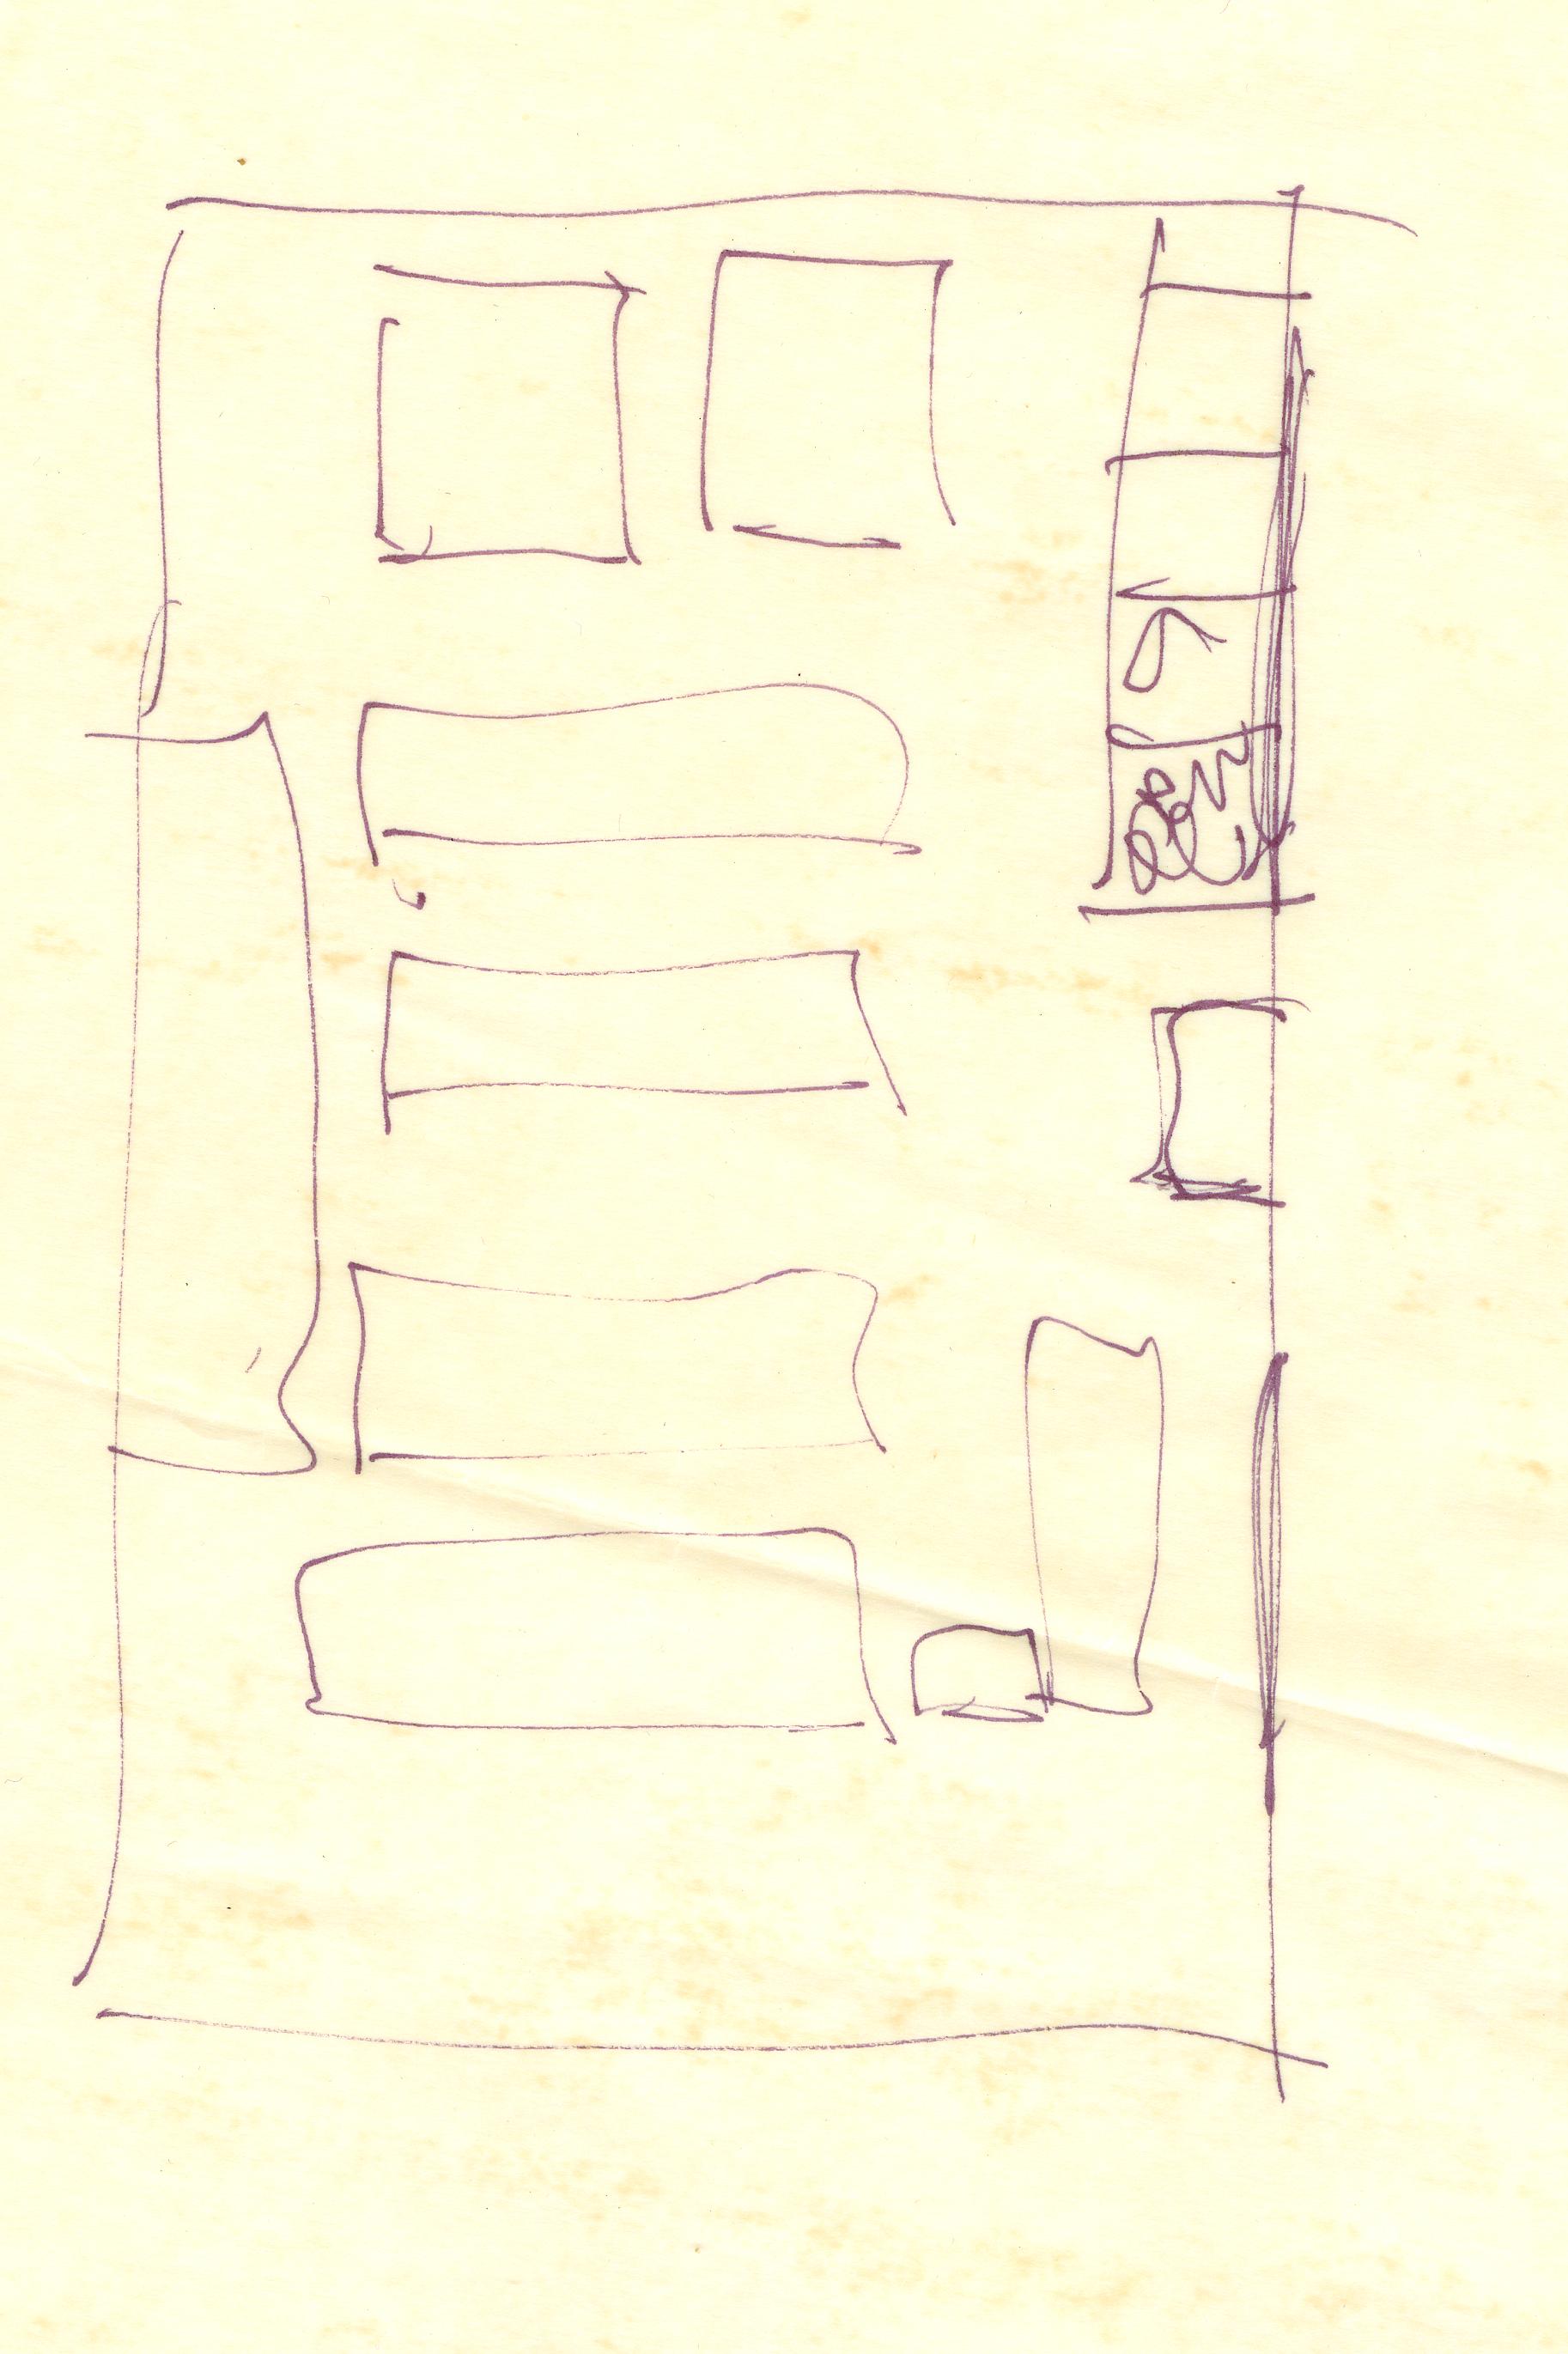 Hendrik Meijer-Store 001 layout diagram, n.d.0001 copy.jpg